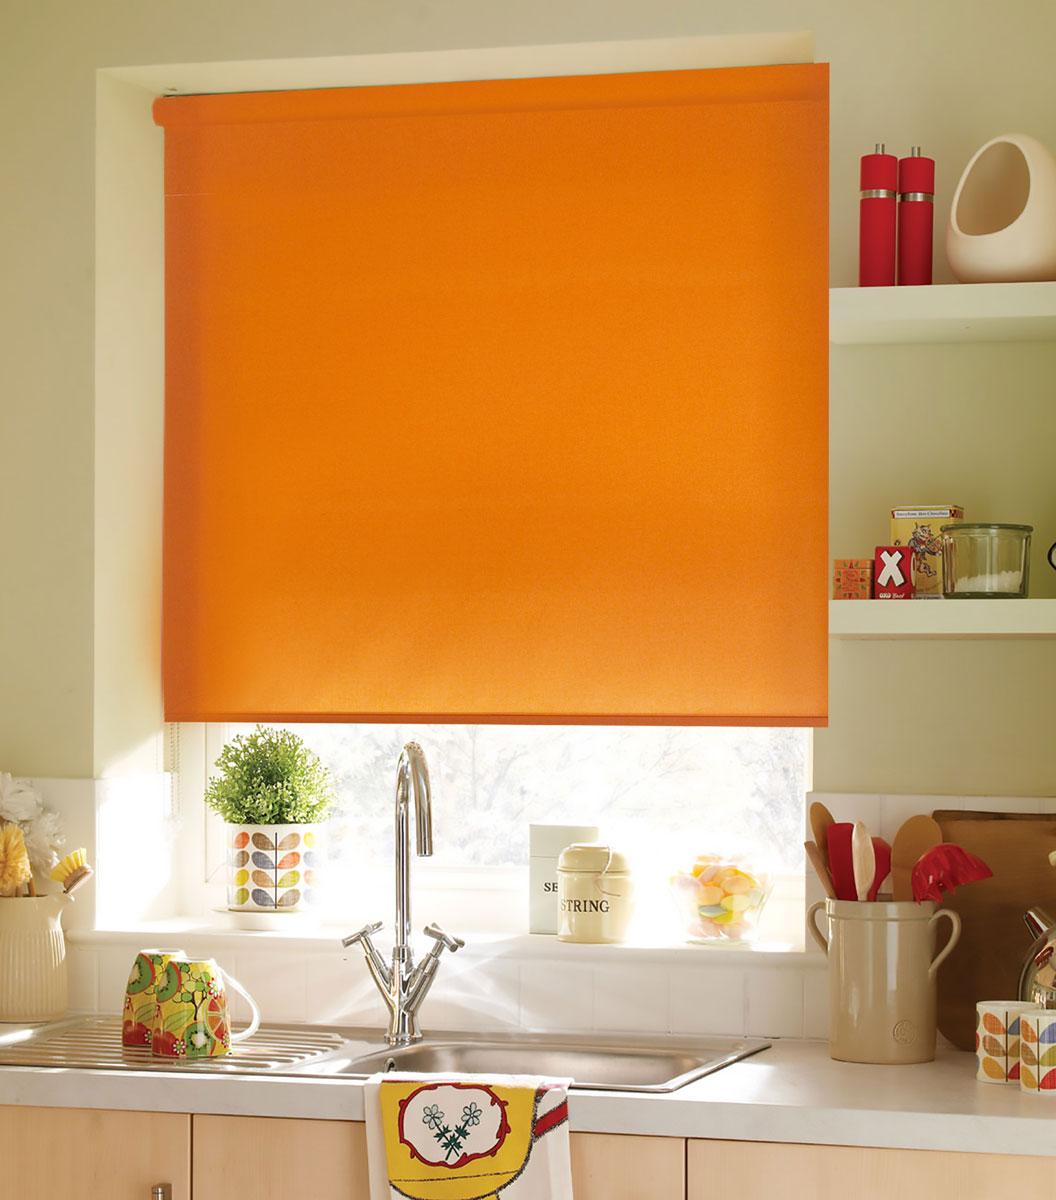 Миниролло KauffOrt 98x170 см, цвет: оранжевый3098203Рулонная штора Миниролло выполнена из высокопрочной ткани, которая сохраняет свой размер даже при намокании. Ткань не выцветает и обладает отличной цветоустойчивостью. Миниролло - это подвид рулонных штор, который закрывает не весь оконный проем, а непосредственно само стекло. Такие шторы крепятся на раму без сверления при помощи зажимов или клейкой двухсторонней ленты. Окно остается на гарантии, благодаря монтажу без сверления. Такая штора станет прекрасным элементом декора окна и гармонично впишется в интерьер любого помещения.